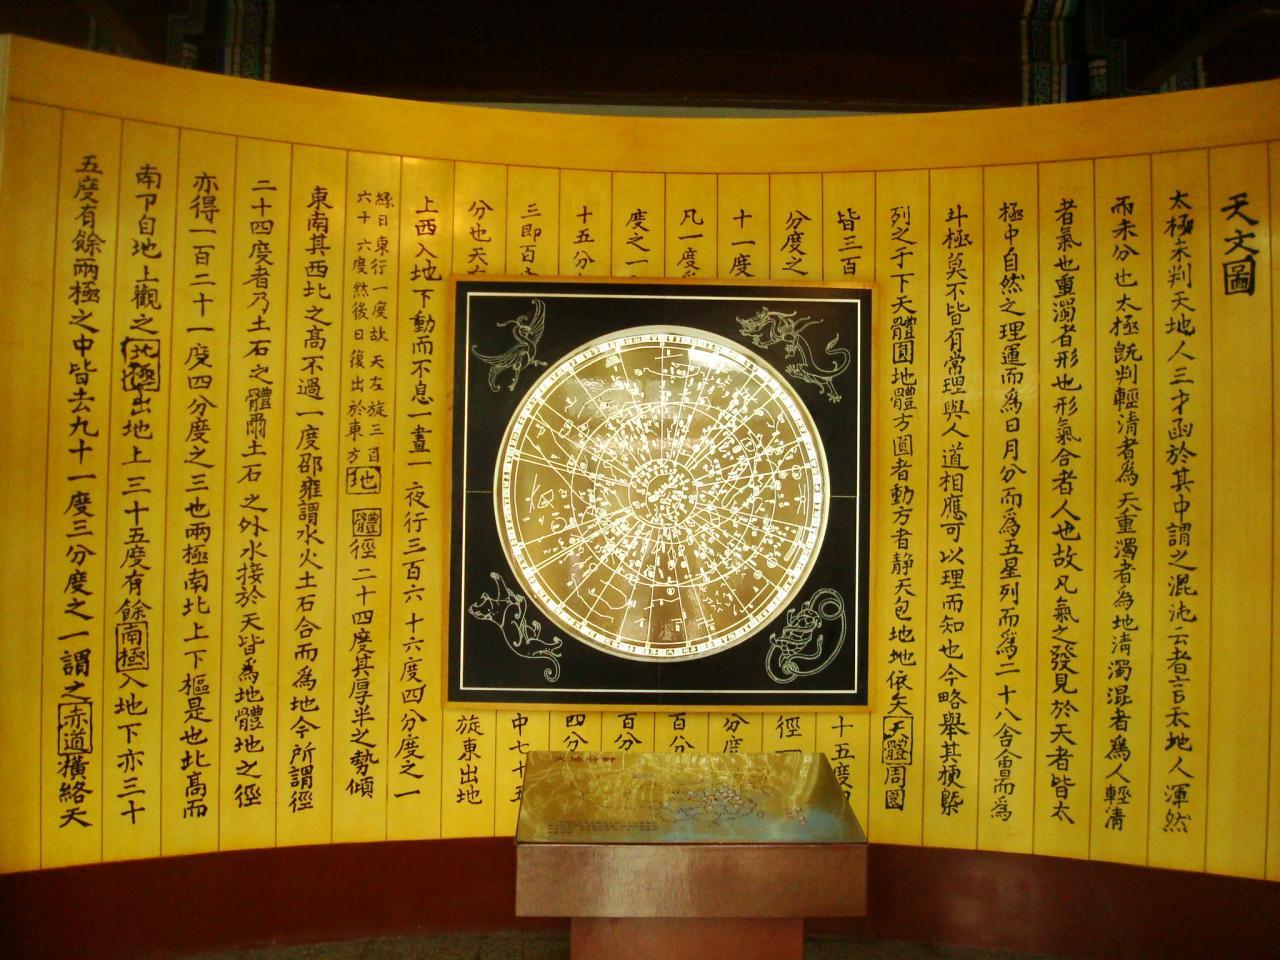 北京天文馆&古观象台的天文图